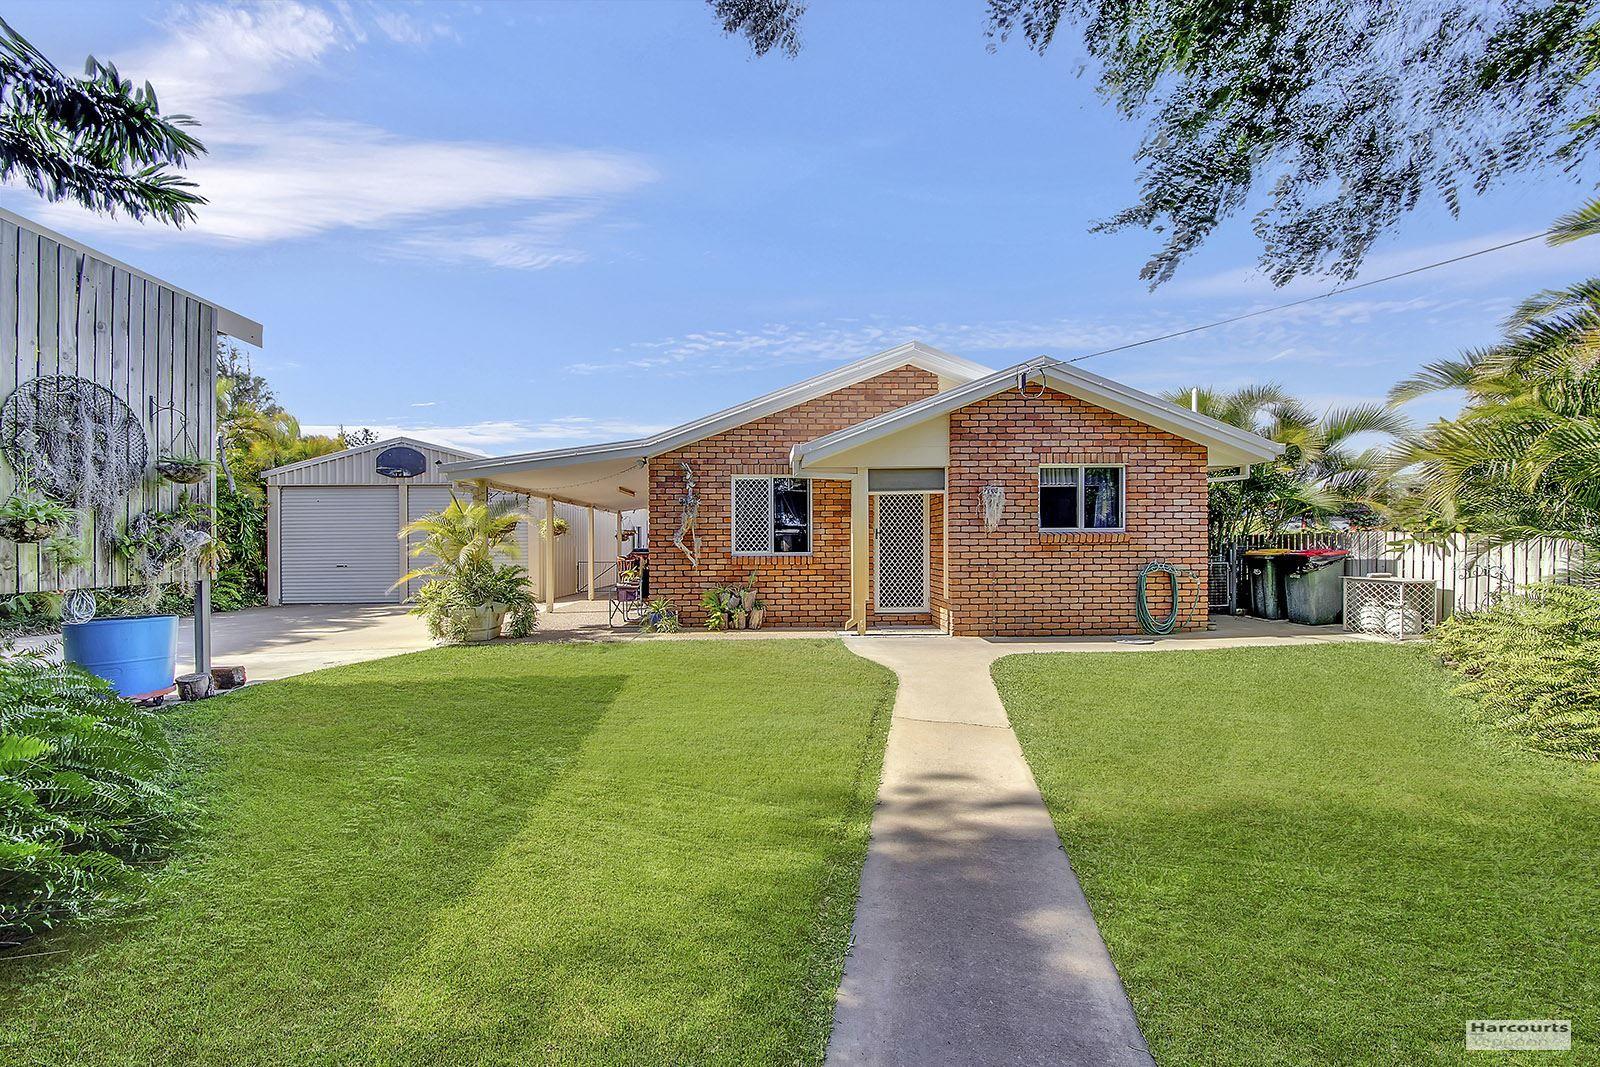 13 Horrie Twiner Street, Keppel Sands QLD 4702, Image 0